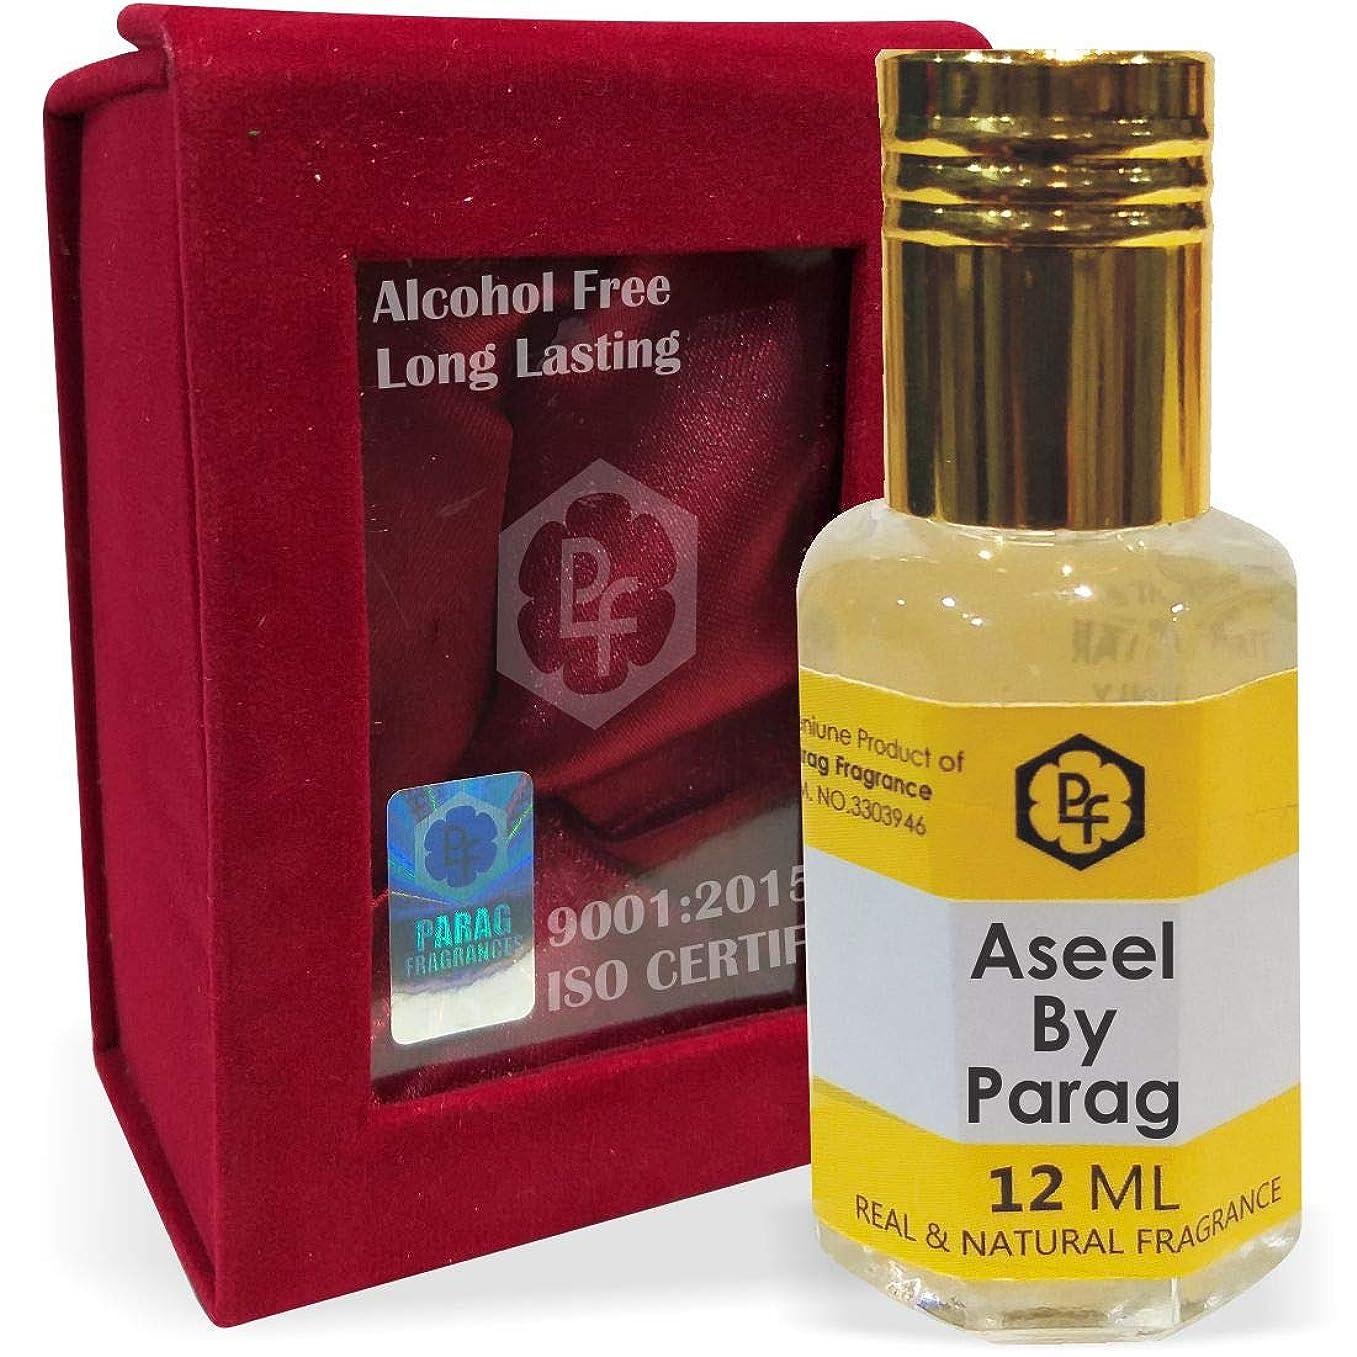 コレクションカウンタ体操Paragフレグランス手作りベルベットボックスAseelことでParag 12ミリリットルアター/香水(インドの伝統的なBhapka処理方法により、インド製)オイル/フレグランスオイル 長持ちアターITRA最高の品質